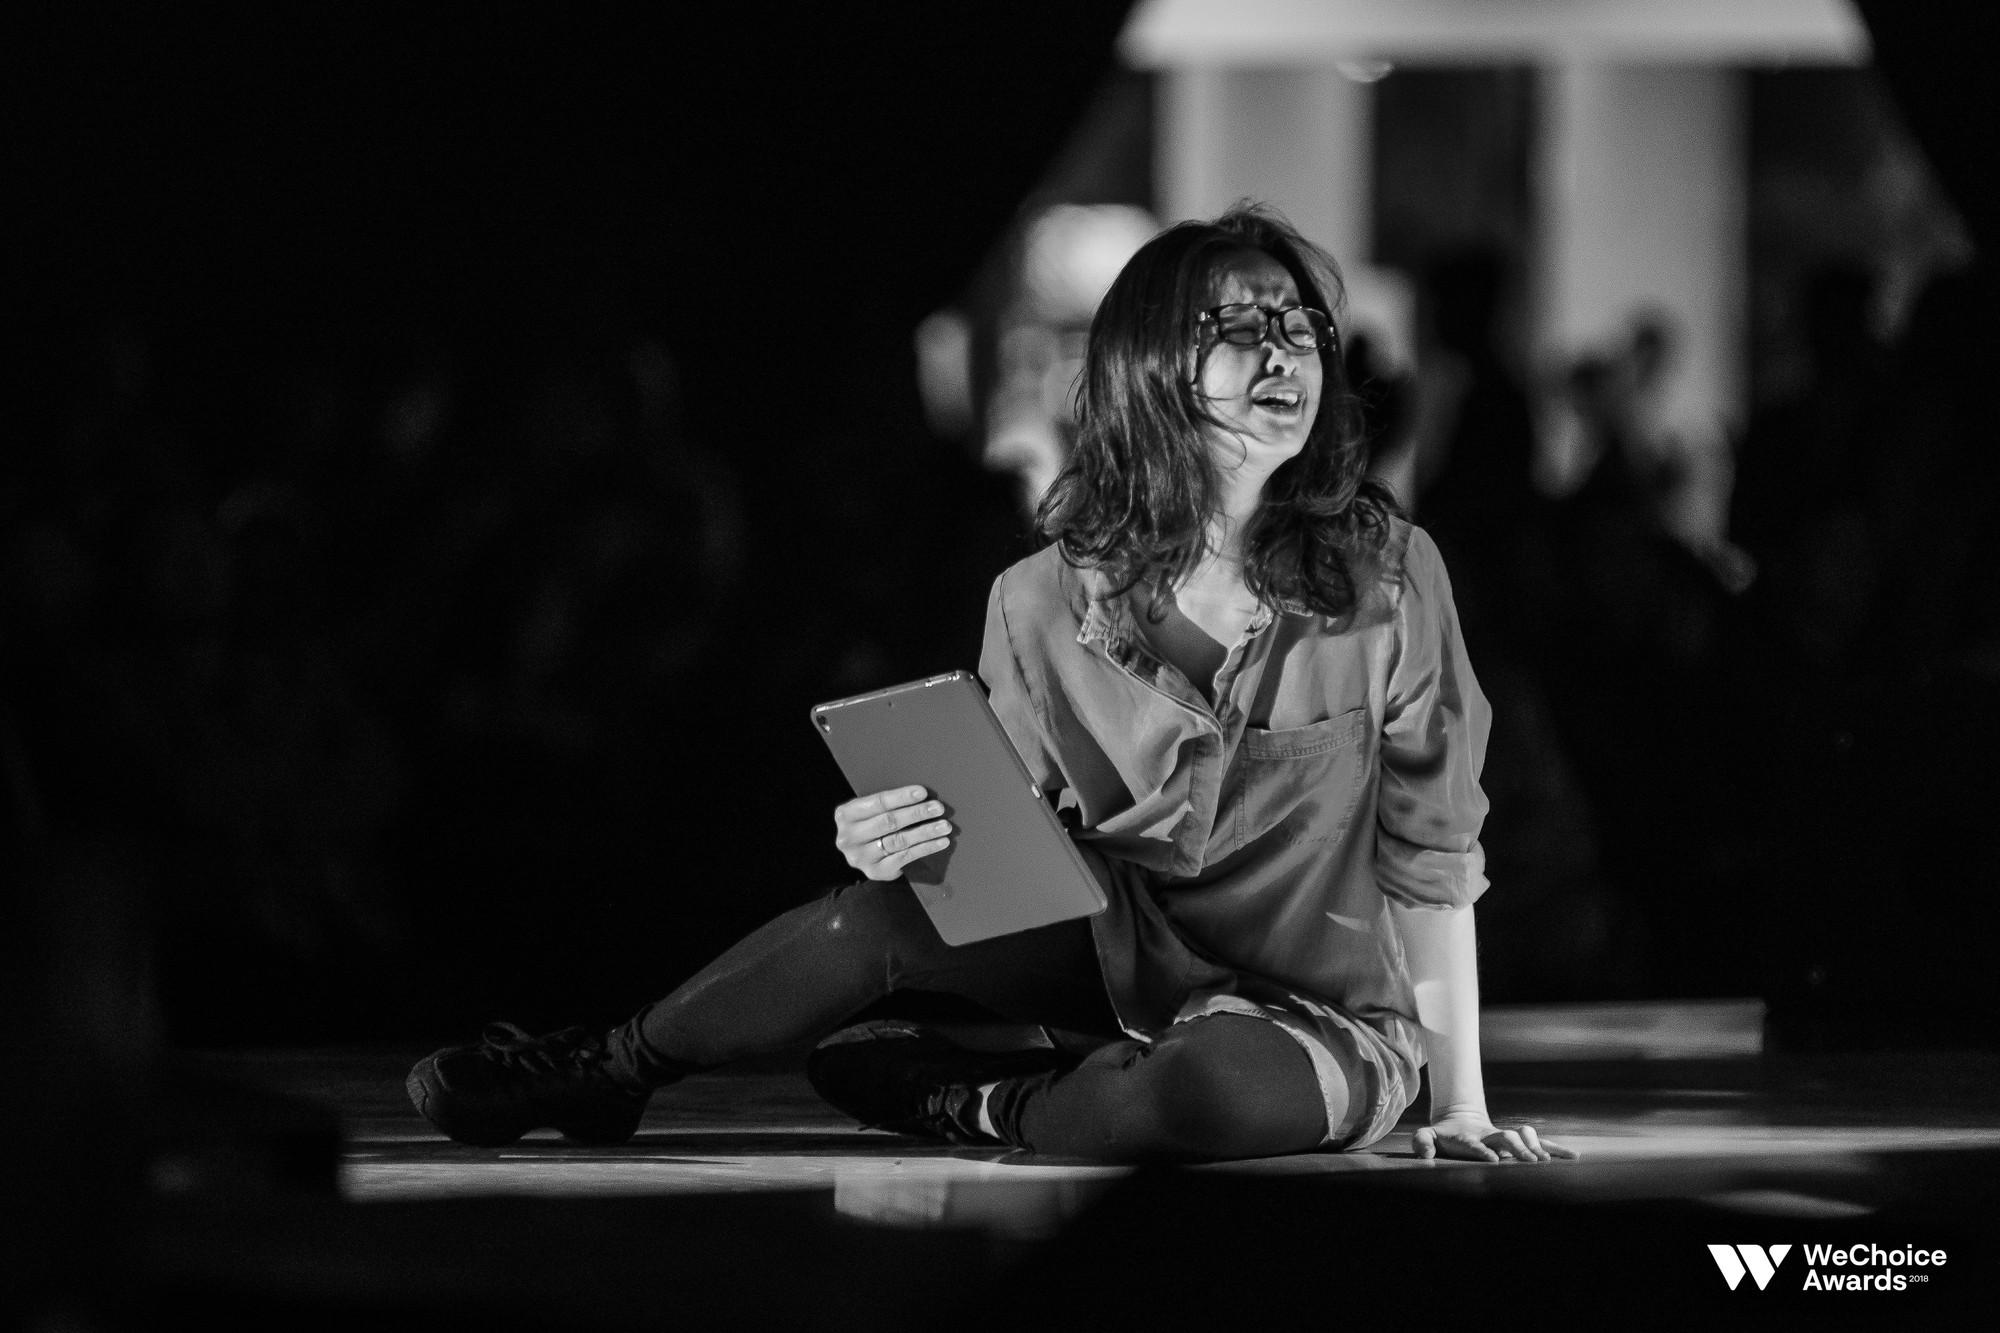 Sân khấu Gala Wechoice Awards 2018: Không chỉ đã tai, đẹp mắt mà còn đầy nghệ thuật và truyền cảm hứng sống - Ảnh 5.